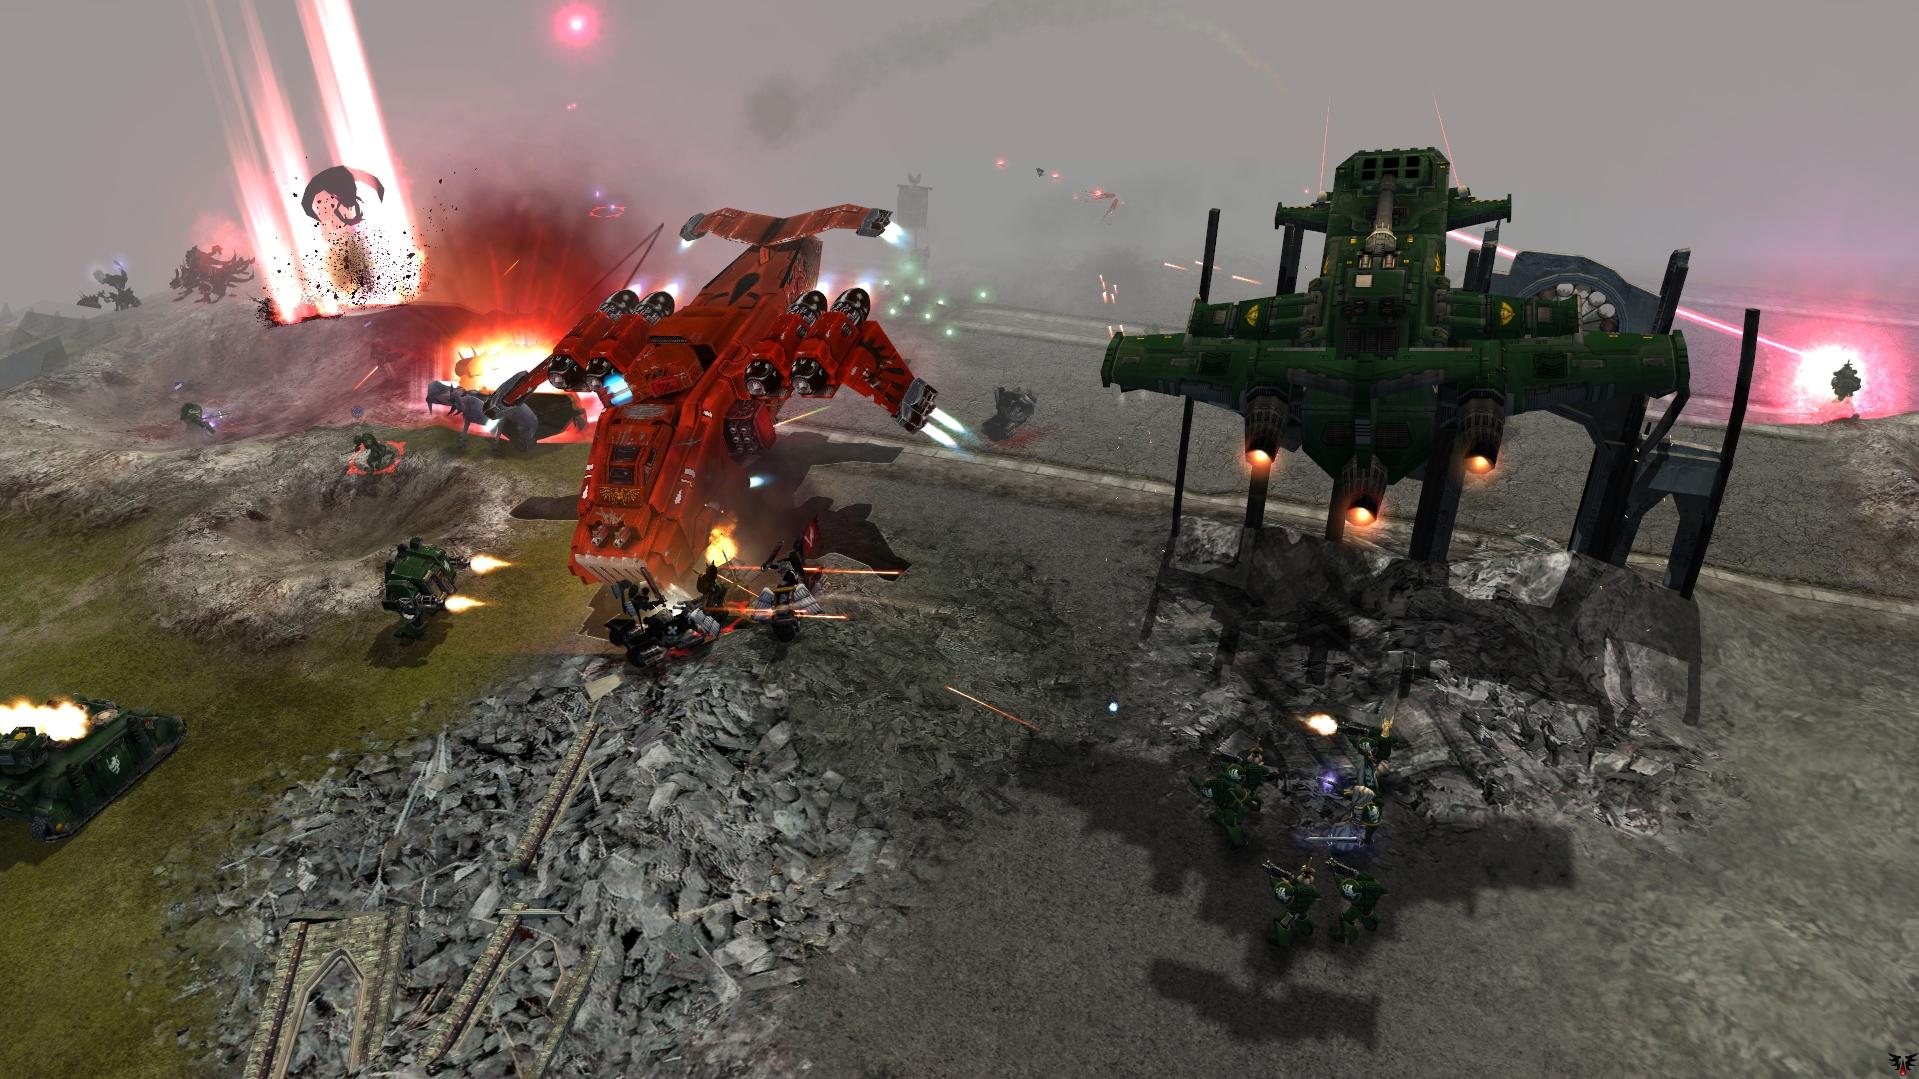 ПОМОГИТЗЫКОМ! : Warhammer 40,000: Dawn of War 22